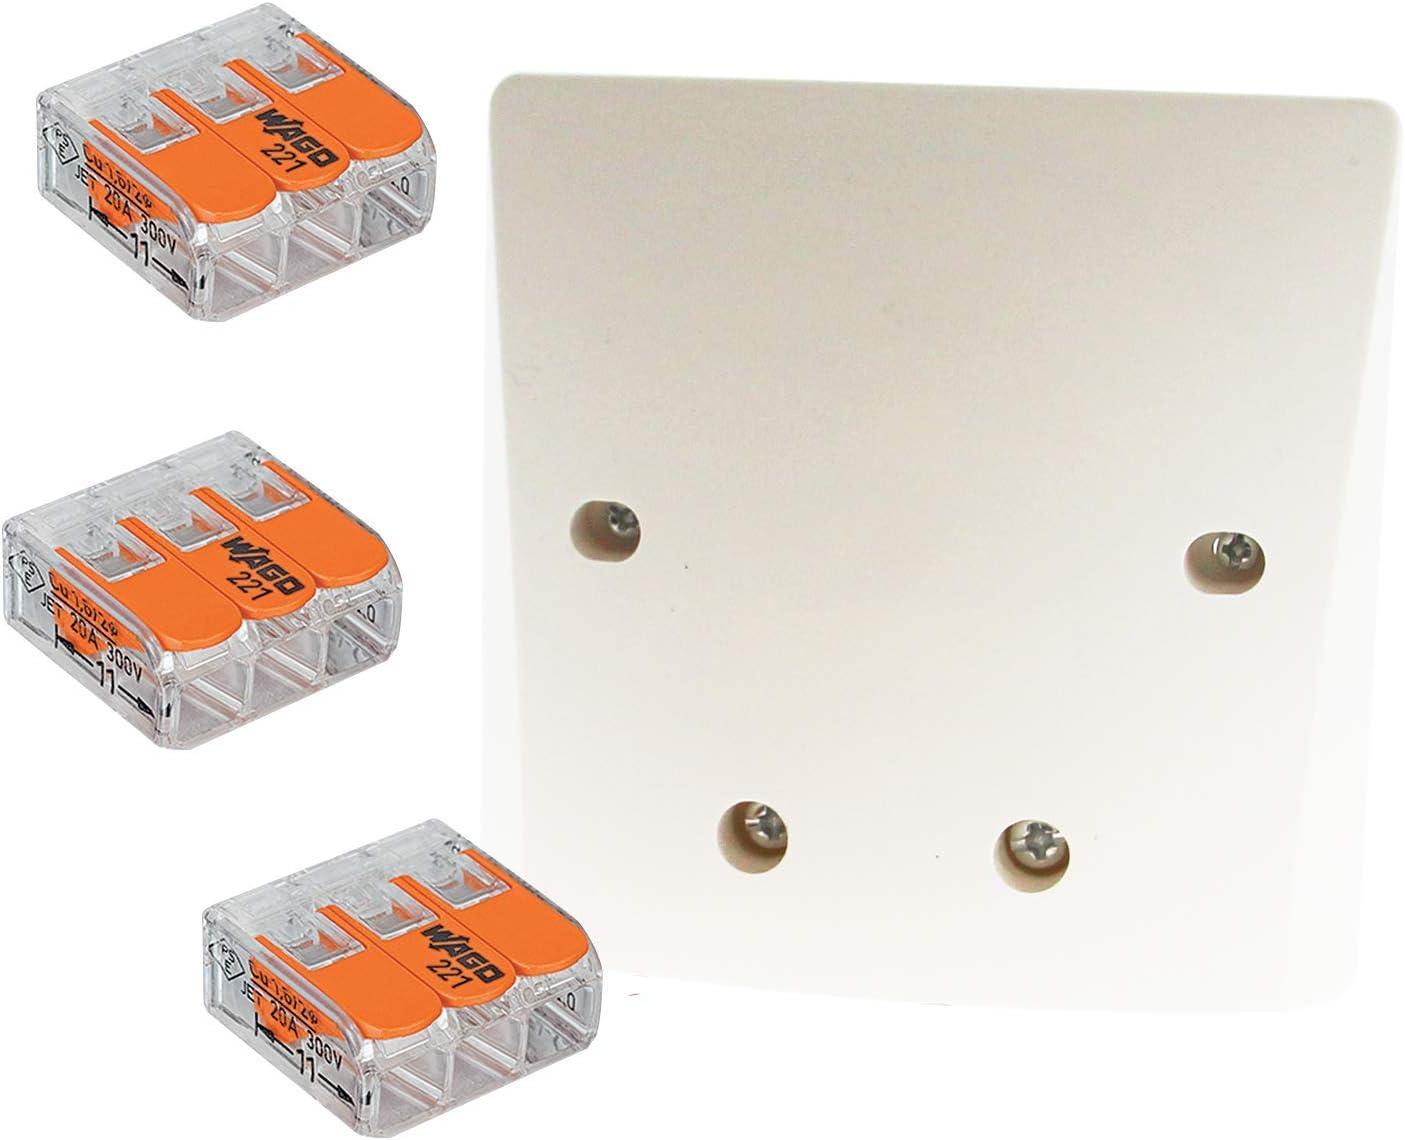 VOLTMAN VOM513502 Kit de branchement Chauffage 16 A